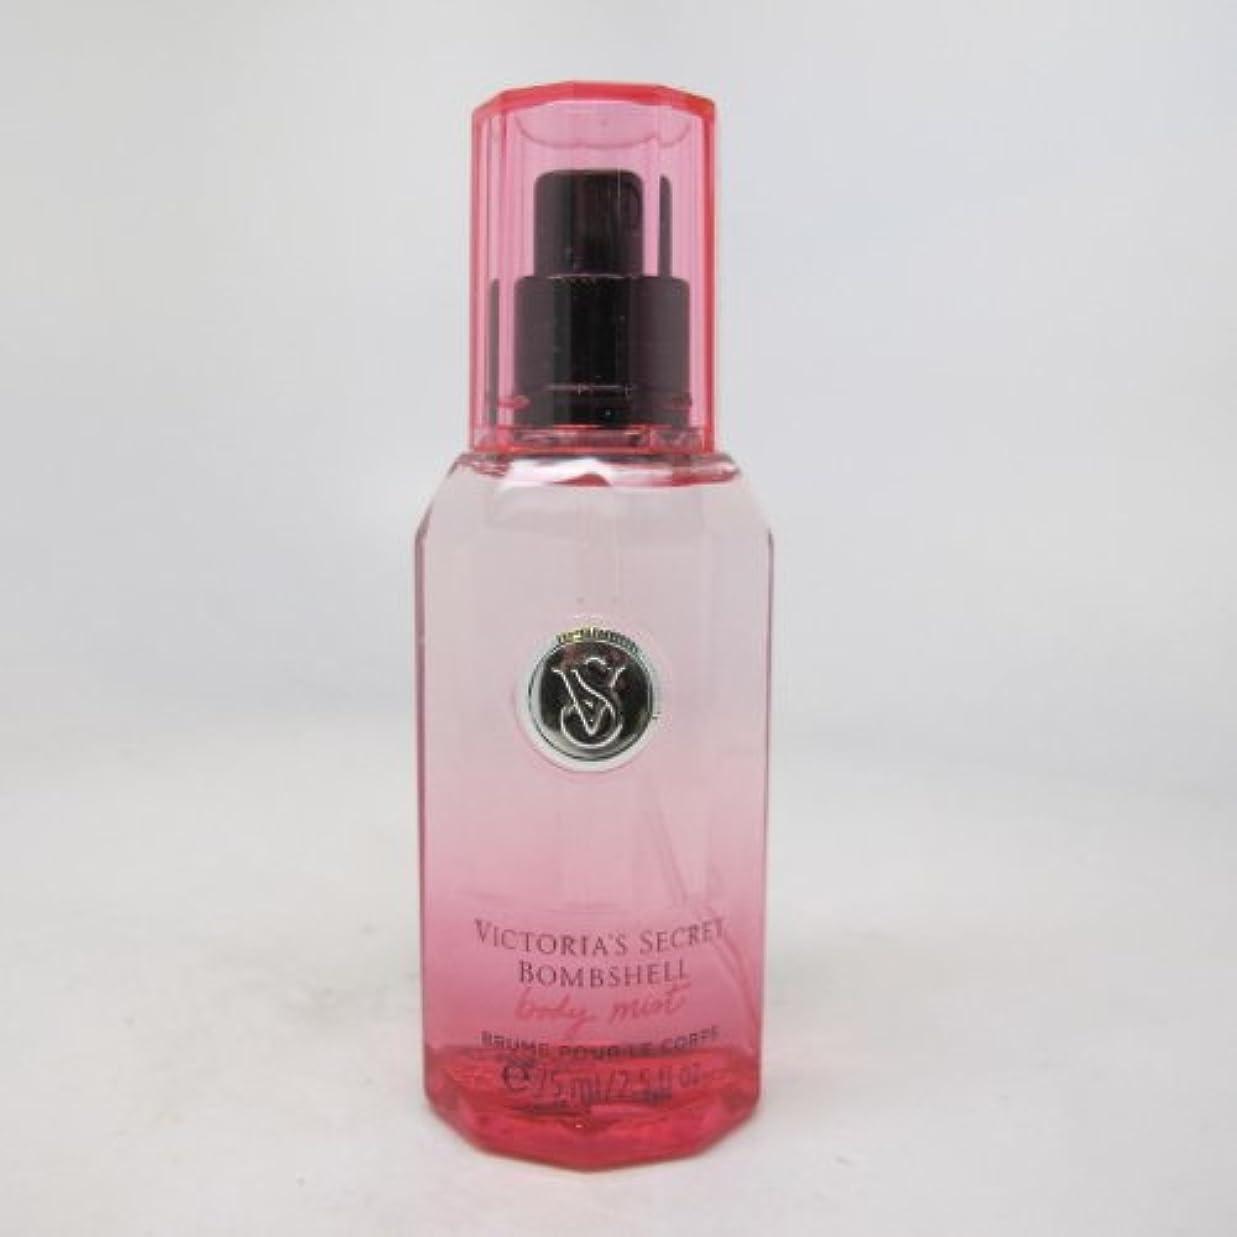 インタビューライフルペリスコープBombshell (ボム シェル) 2.5 oz (75ml) Body Mist by Victoria Secret for Women[海外直送品]